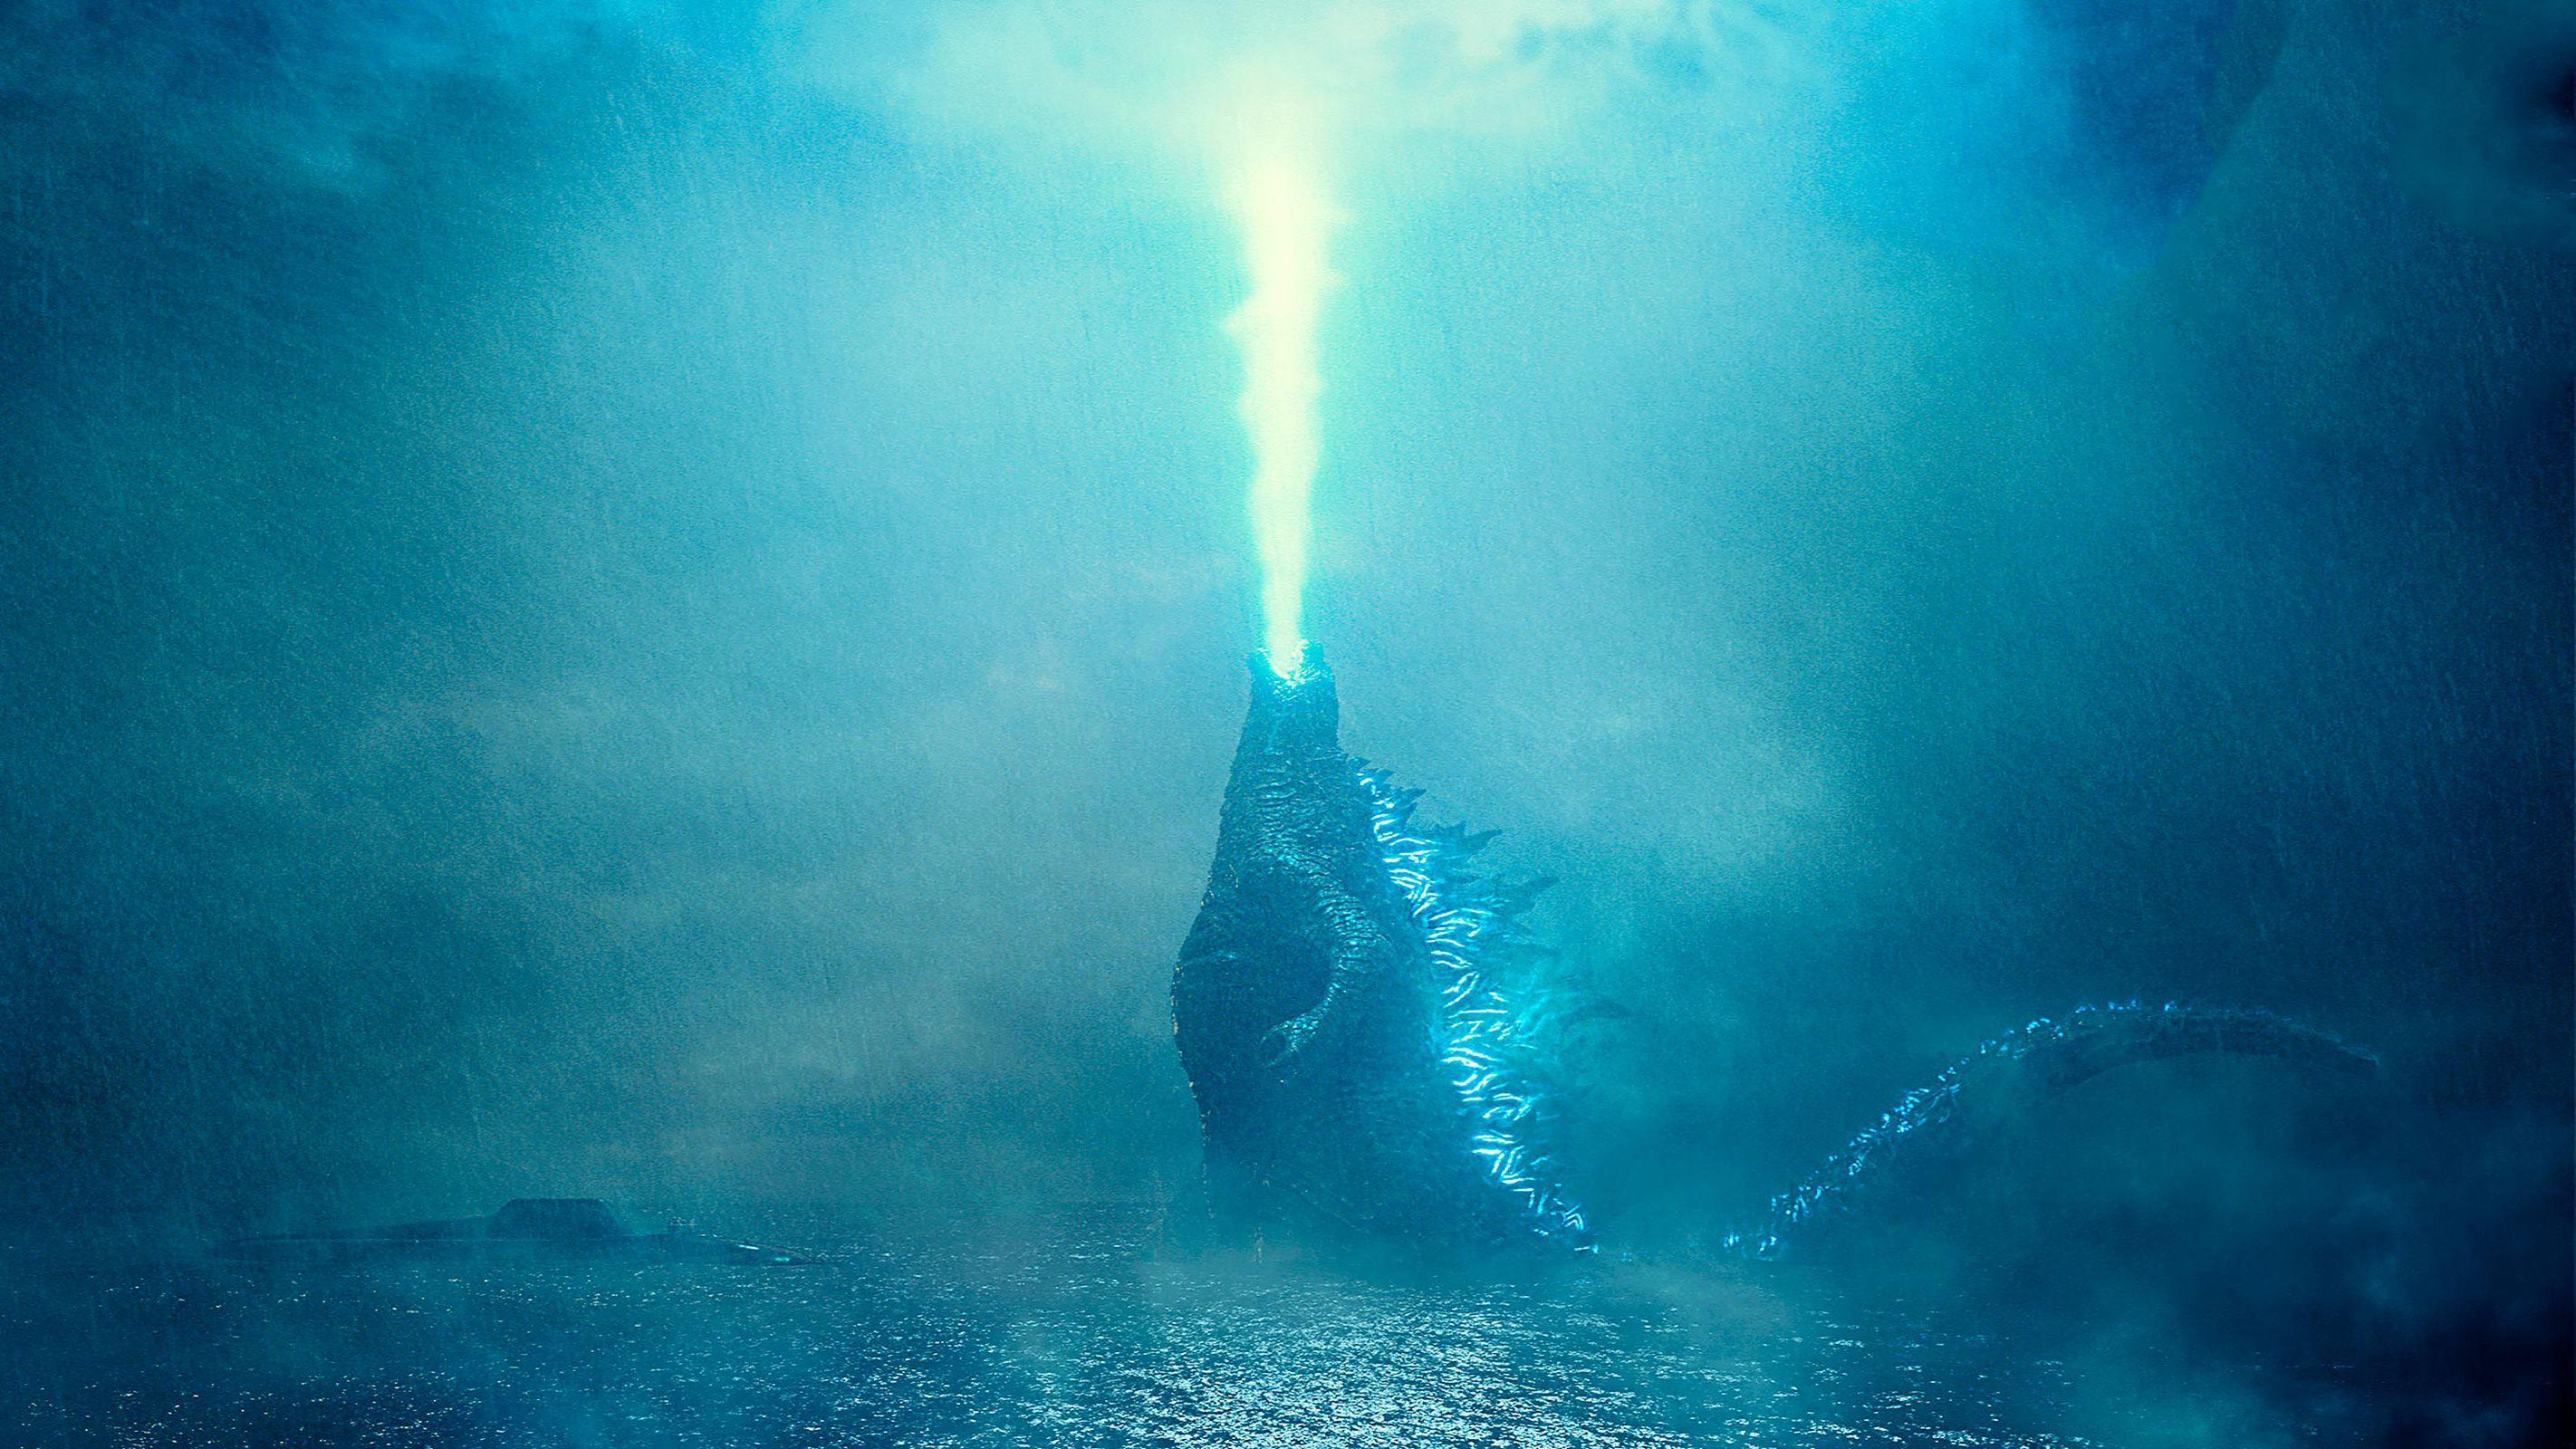 Godzilla 2019 Wallpapers Top Free Godzilla 2019